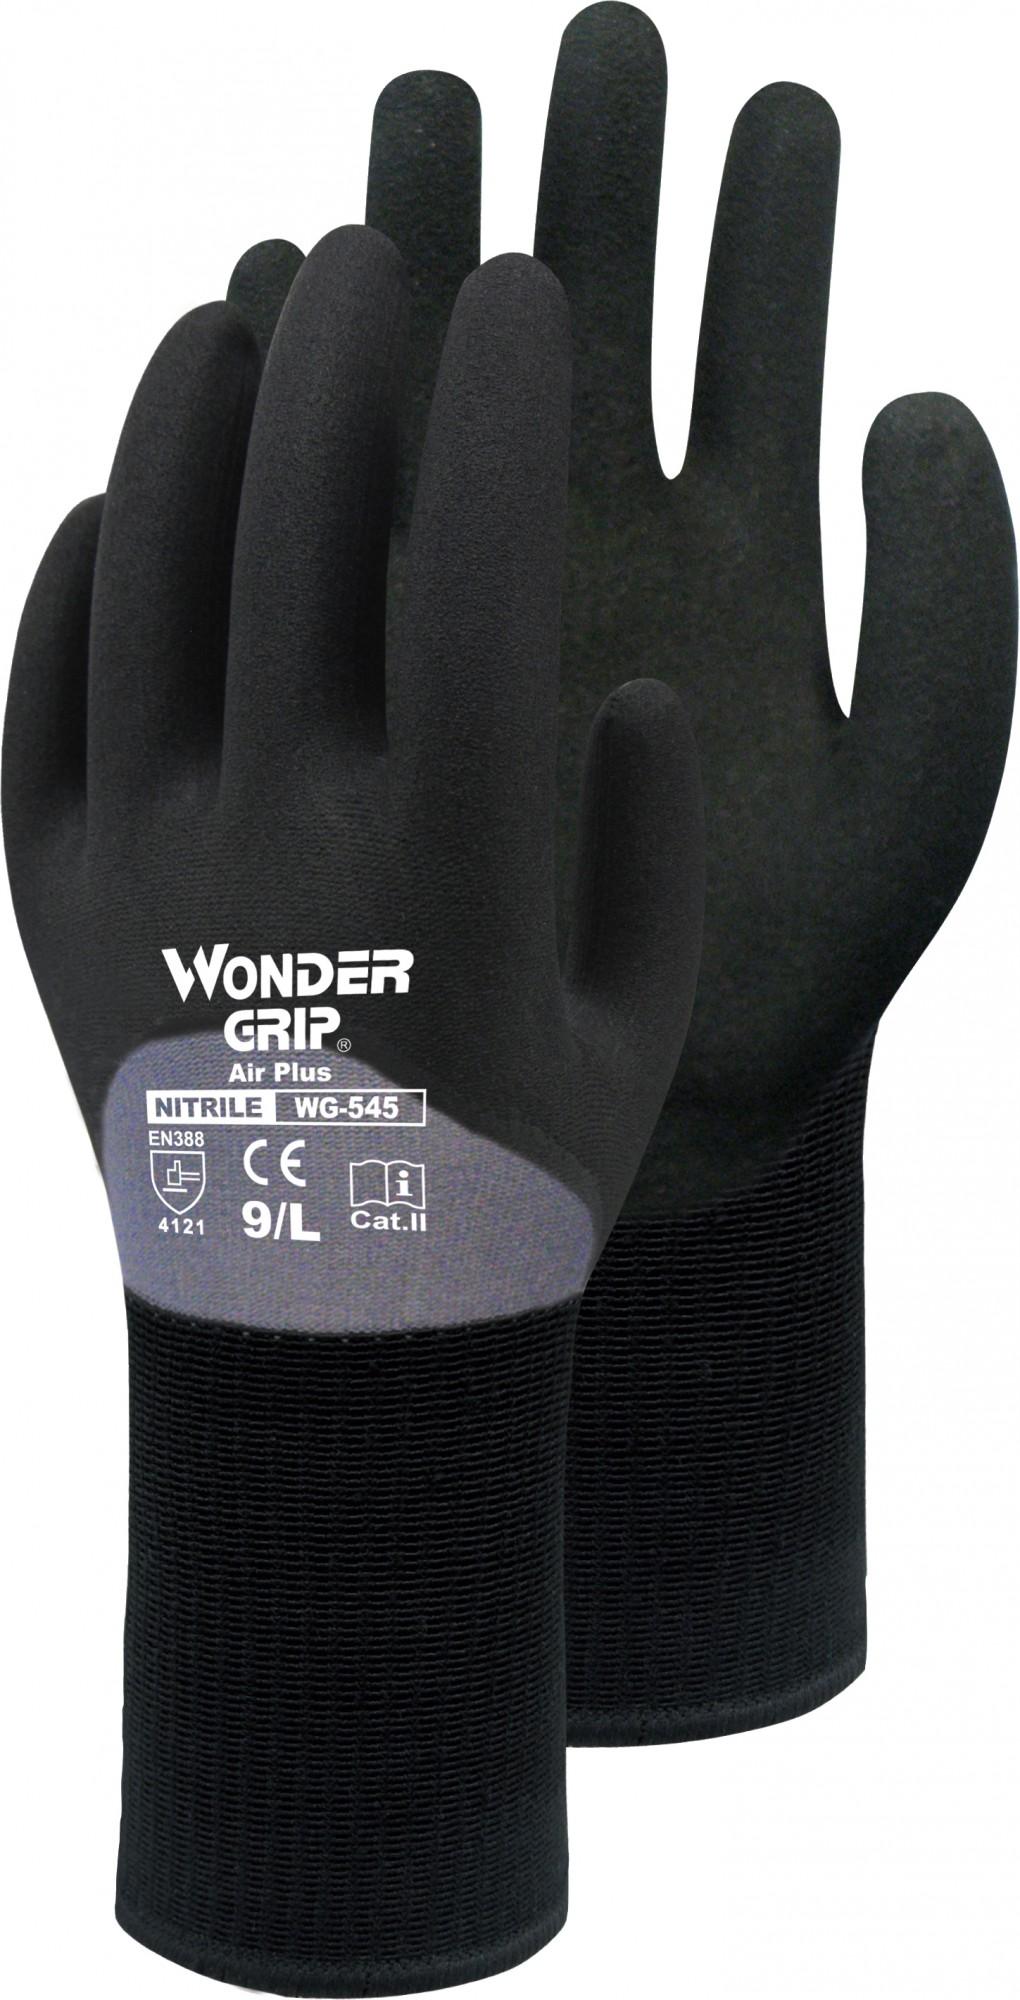 handschuhe wonder grip air plus 545 mit nitril schwarz. Black Bedroom Furniture Sets. Home Design Ideas